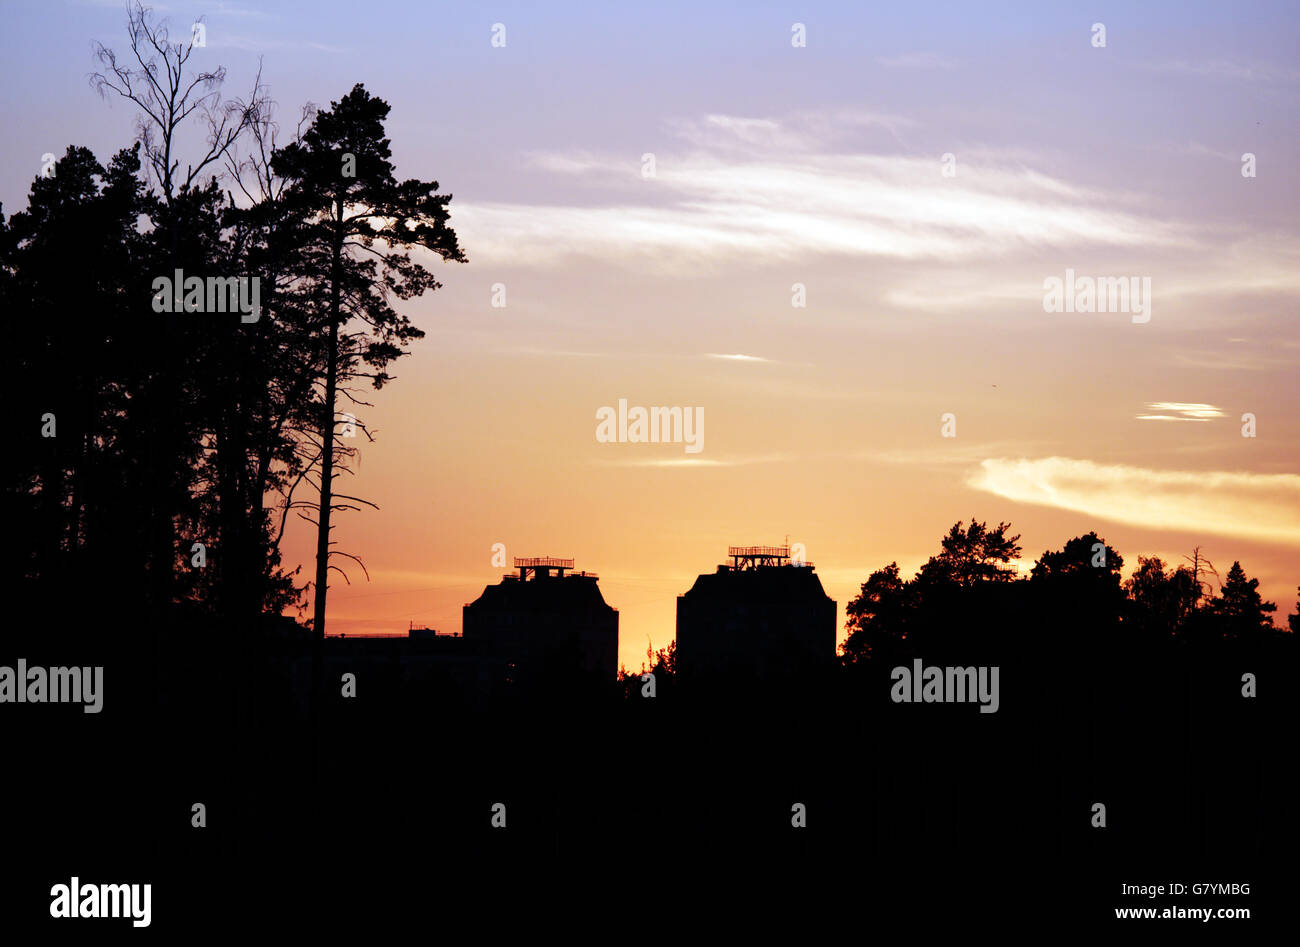 Orange Sonnenuntergang und zwei Kontur Häuser mit Bäumen Stockbild